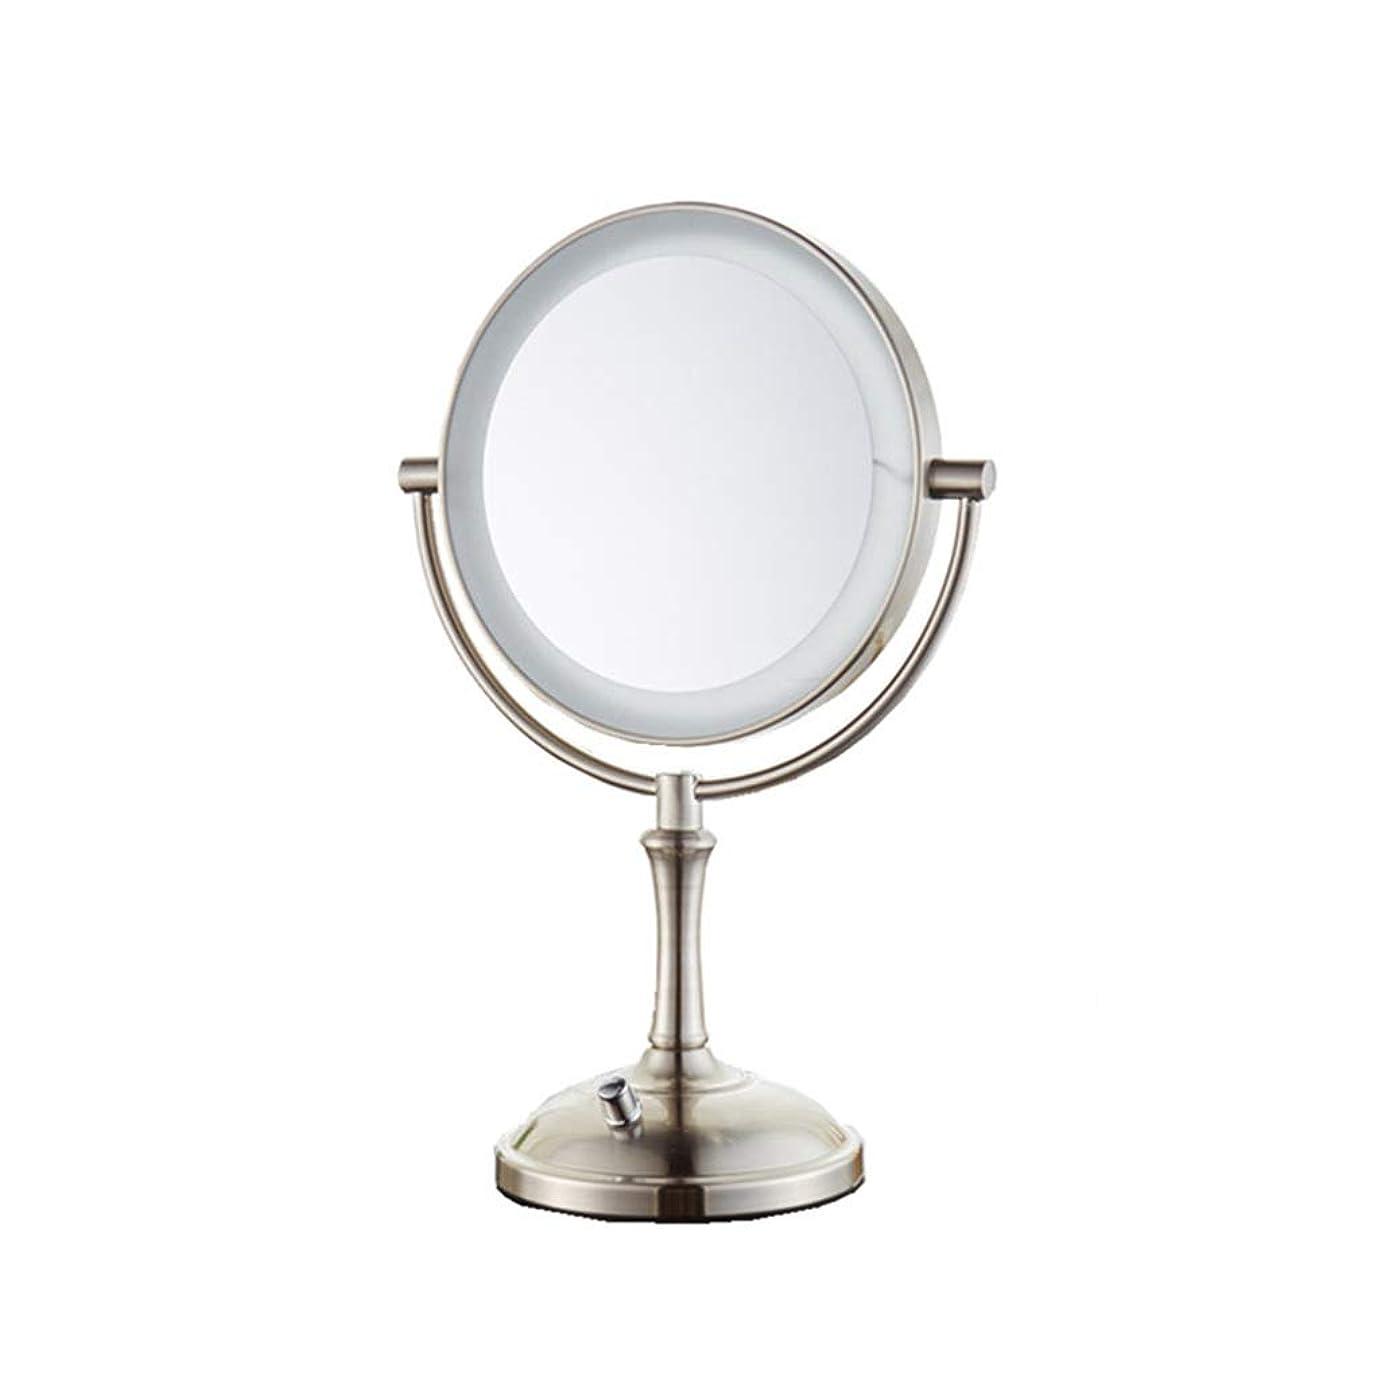 毎週ブラストフルーツ.化粧鏡 LED化粧鏡 - 両面3倍拡大鏡の明るさ調整HDの美しさ化粧台ミラープリンセスミラードレッシングルーム寝室のバスルーム ED化粧鏡1倍/ 2倍/ 3倍/ 5倍/ 10倍拡大鏡ポ (Color : B, Size : Knob control)